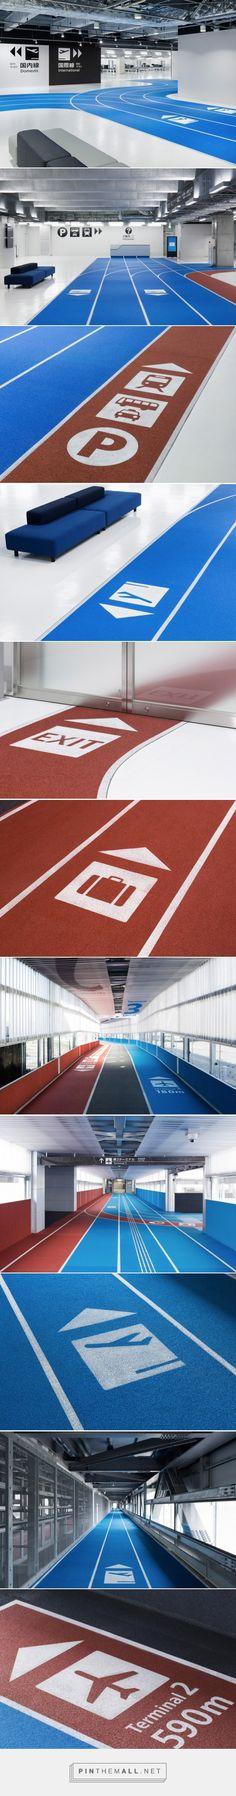 Narita Airport Wayfinding System by Nikken Sekkei